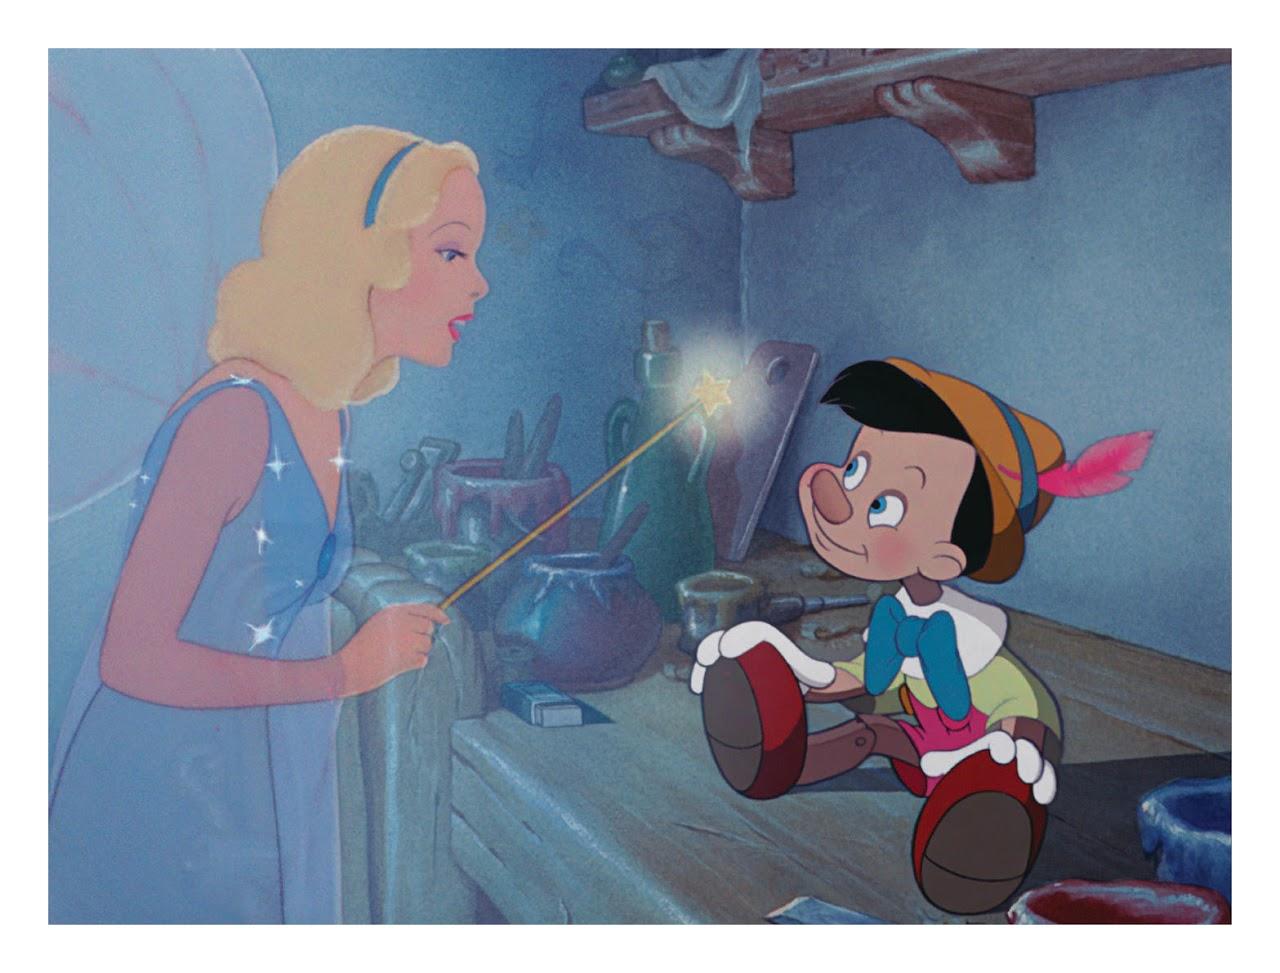 http://1.bp.blogspot.com/-R2nzgwihiq0/T3Q-K-6zZLI/AAAAAAAAYew/QlMNeWj-dsA/s1280/pinocho-disney-hada-azul-pinocchio-blue-fairy.jpg